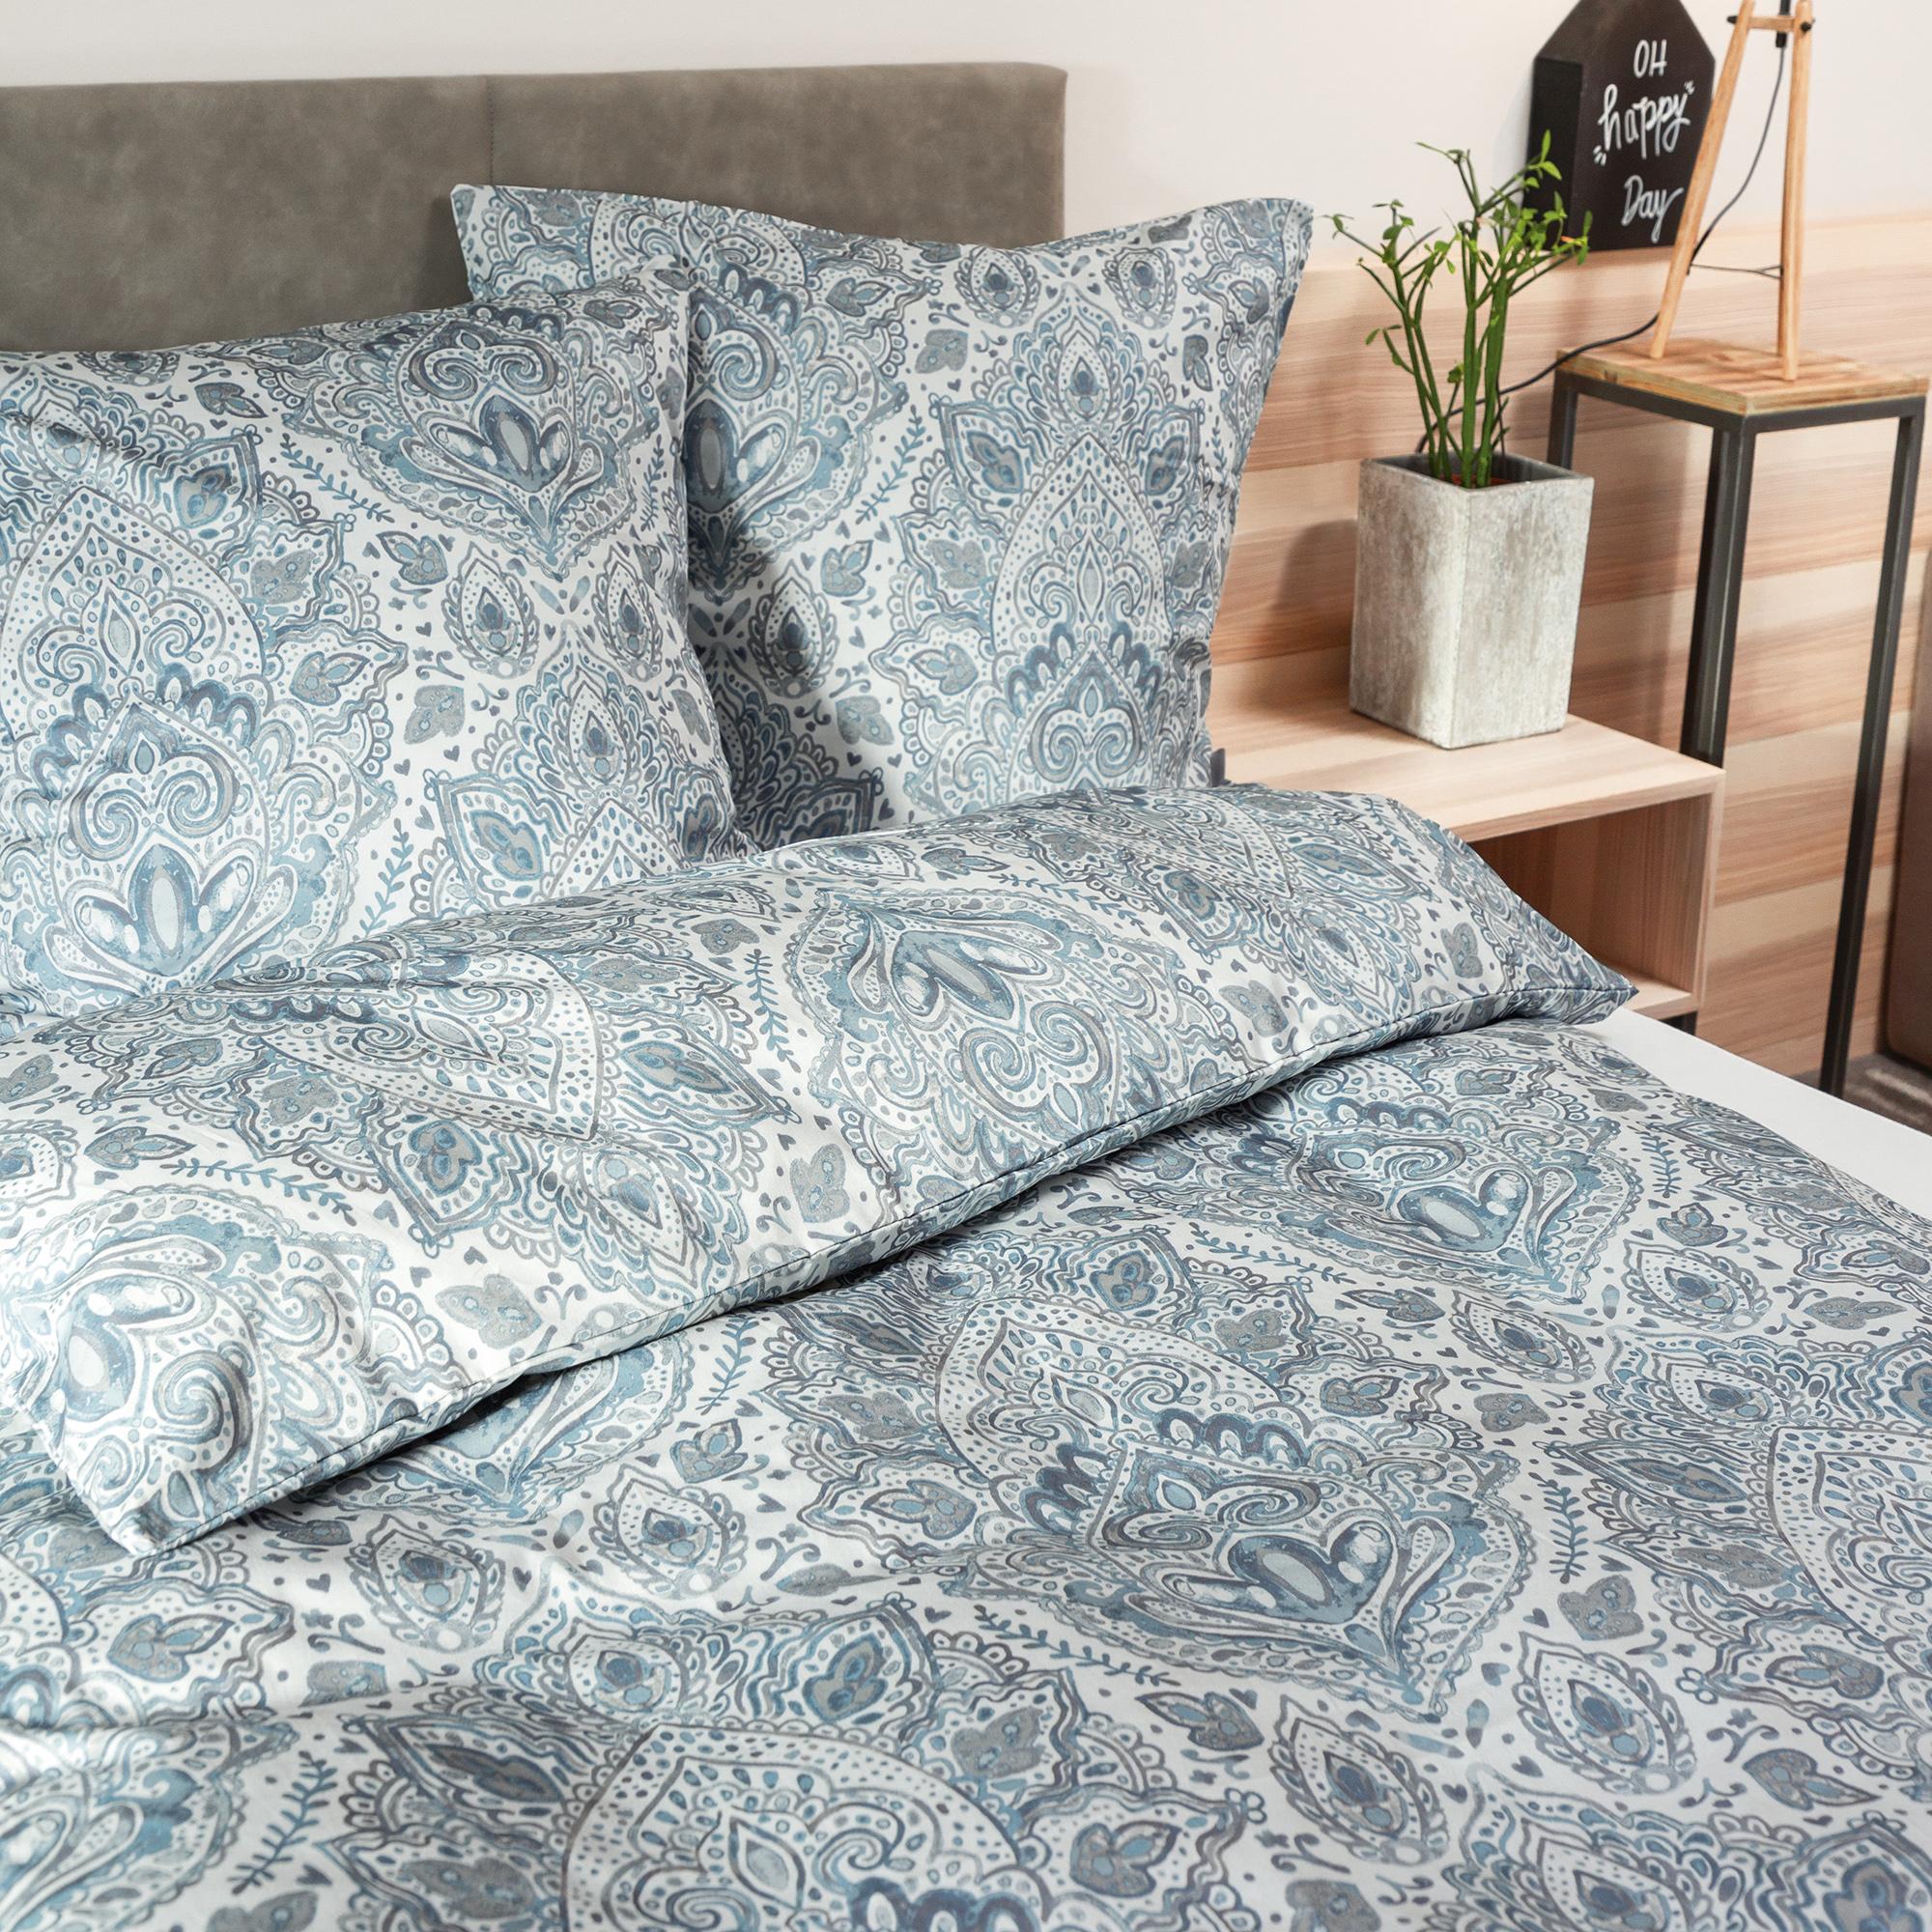 zeitgeist bettw sche 135x200cm hochwertiger mako satin. Black Bedroom Furniture Sets. Home Design Ideas